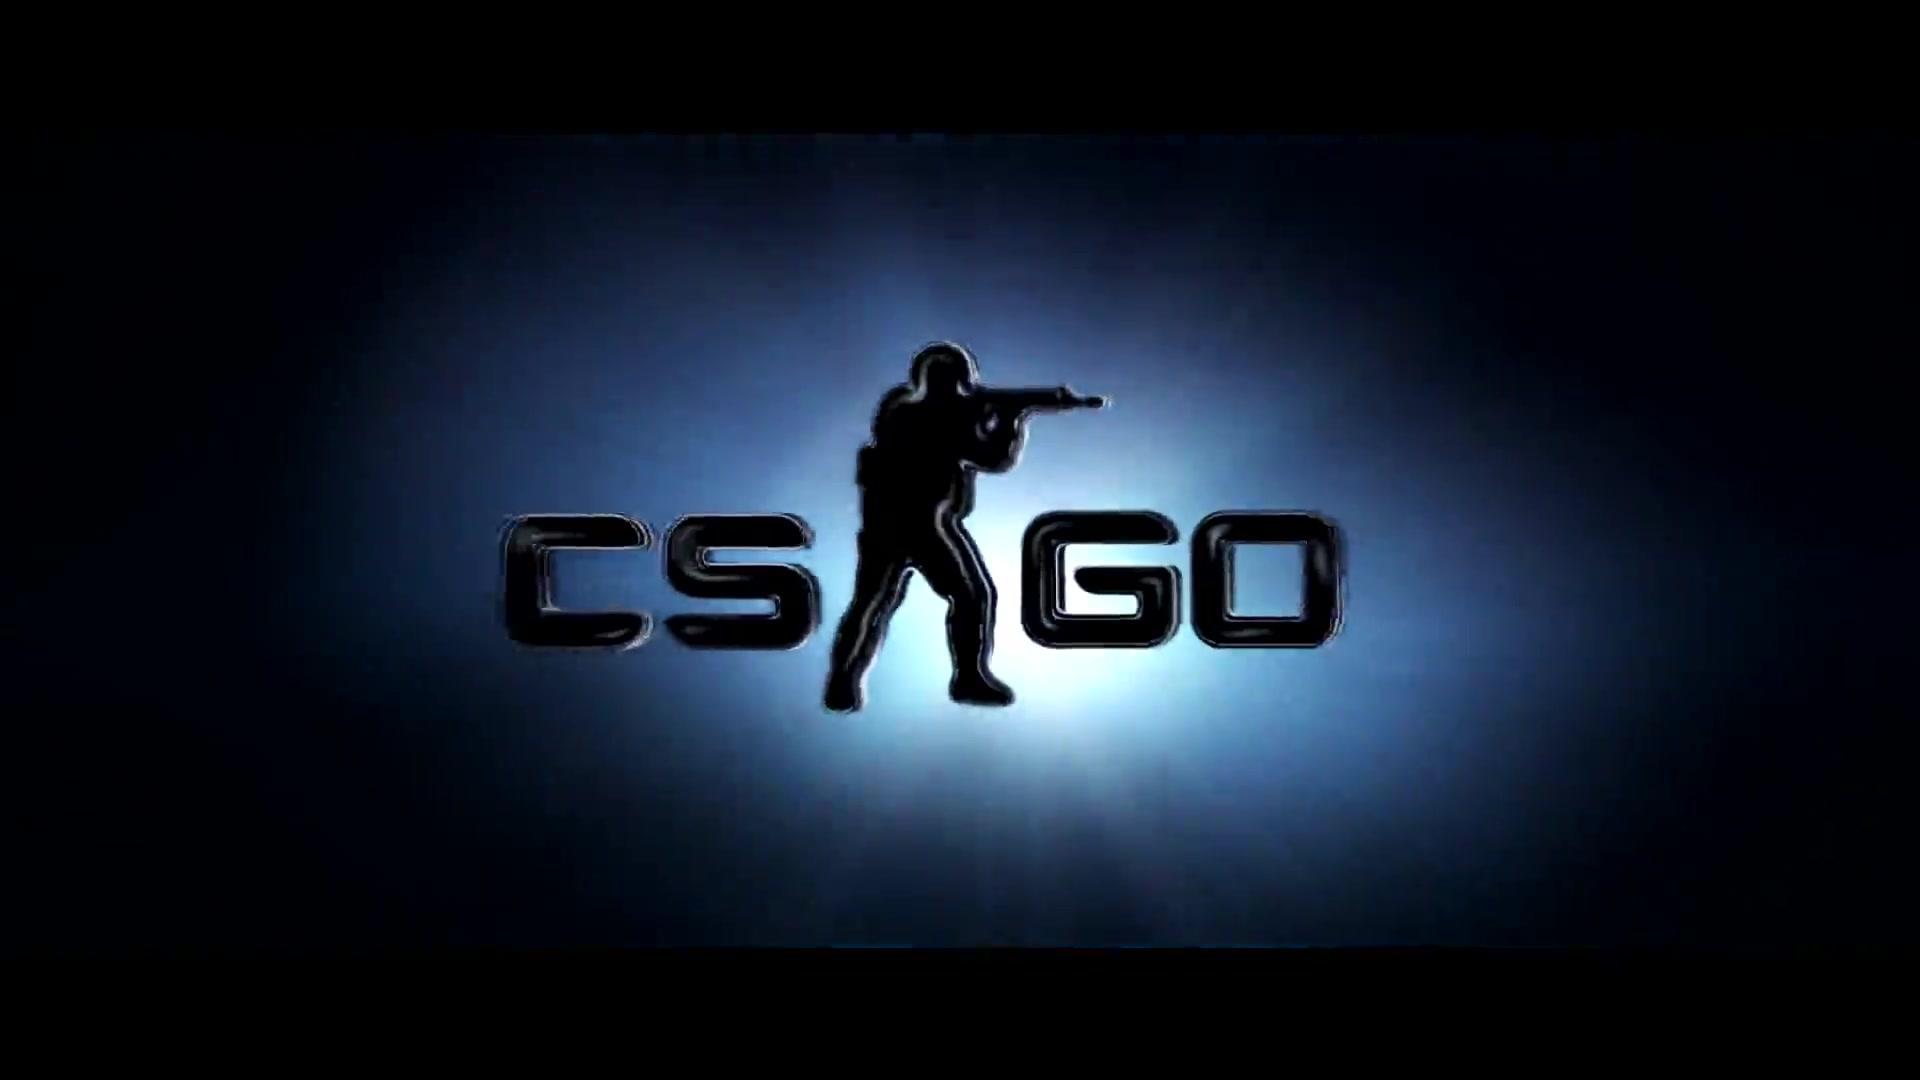 CSGO最新世界排名:TYLOO降至第30名